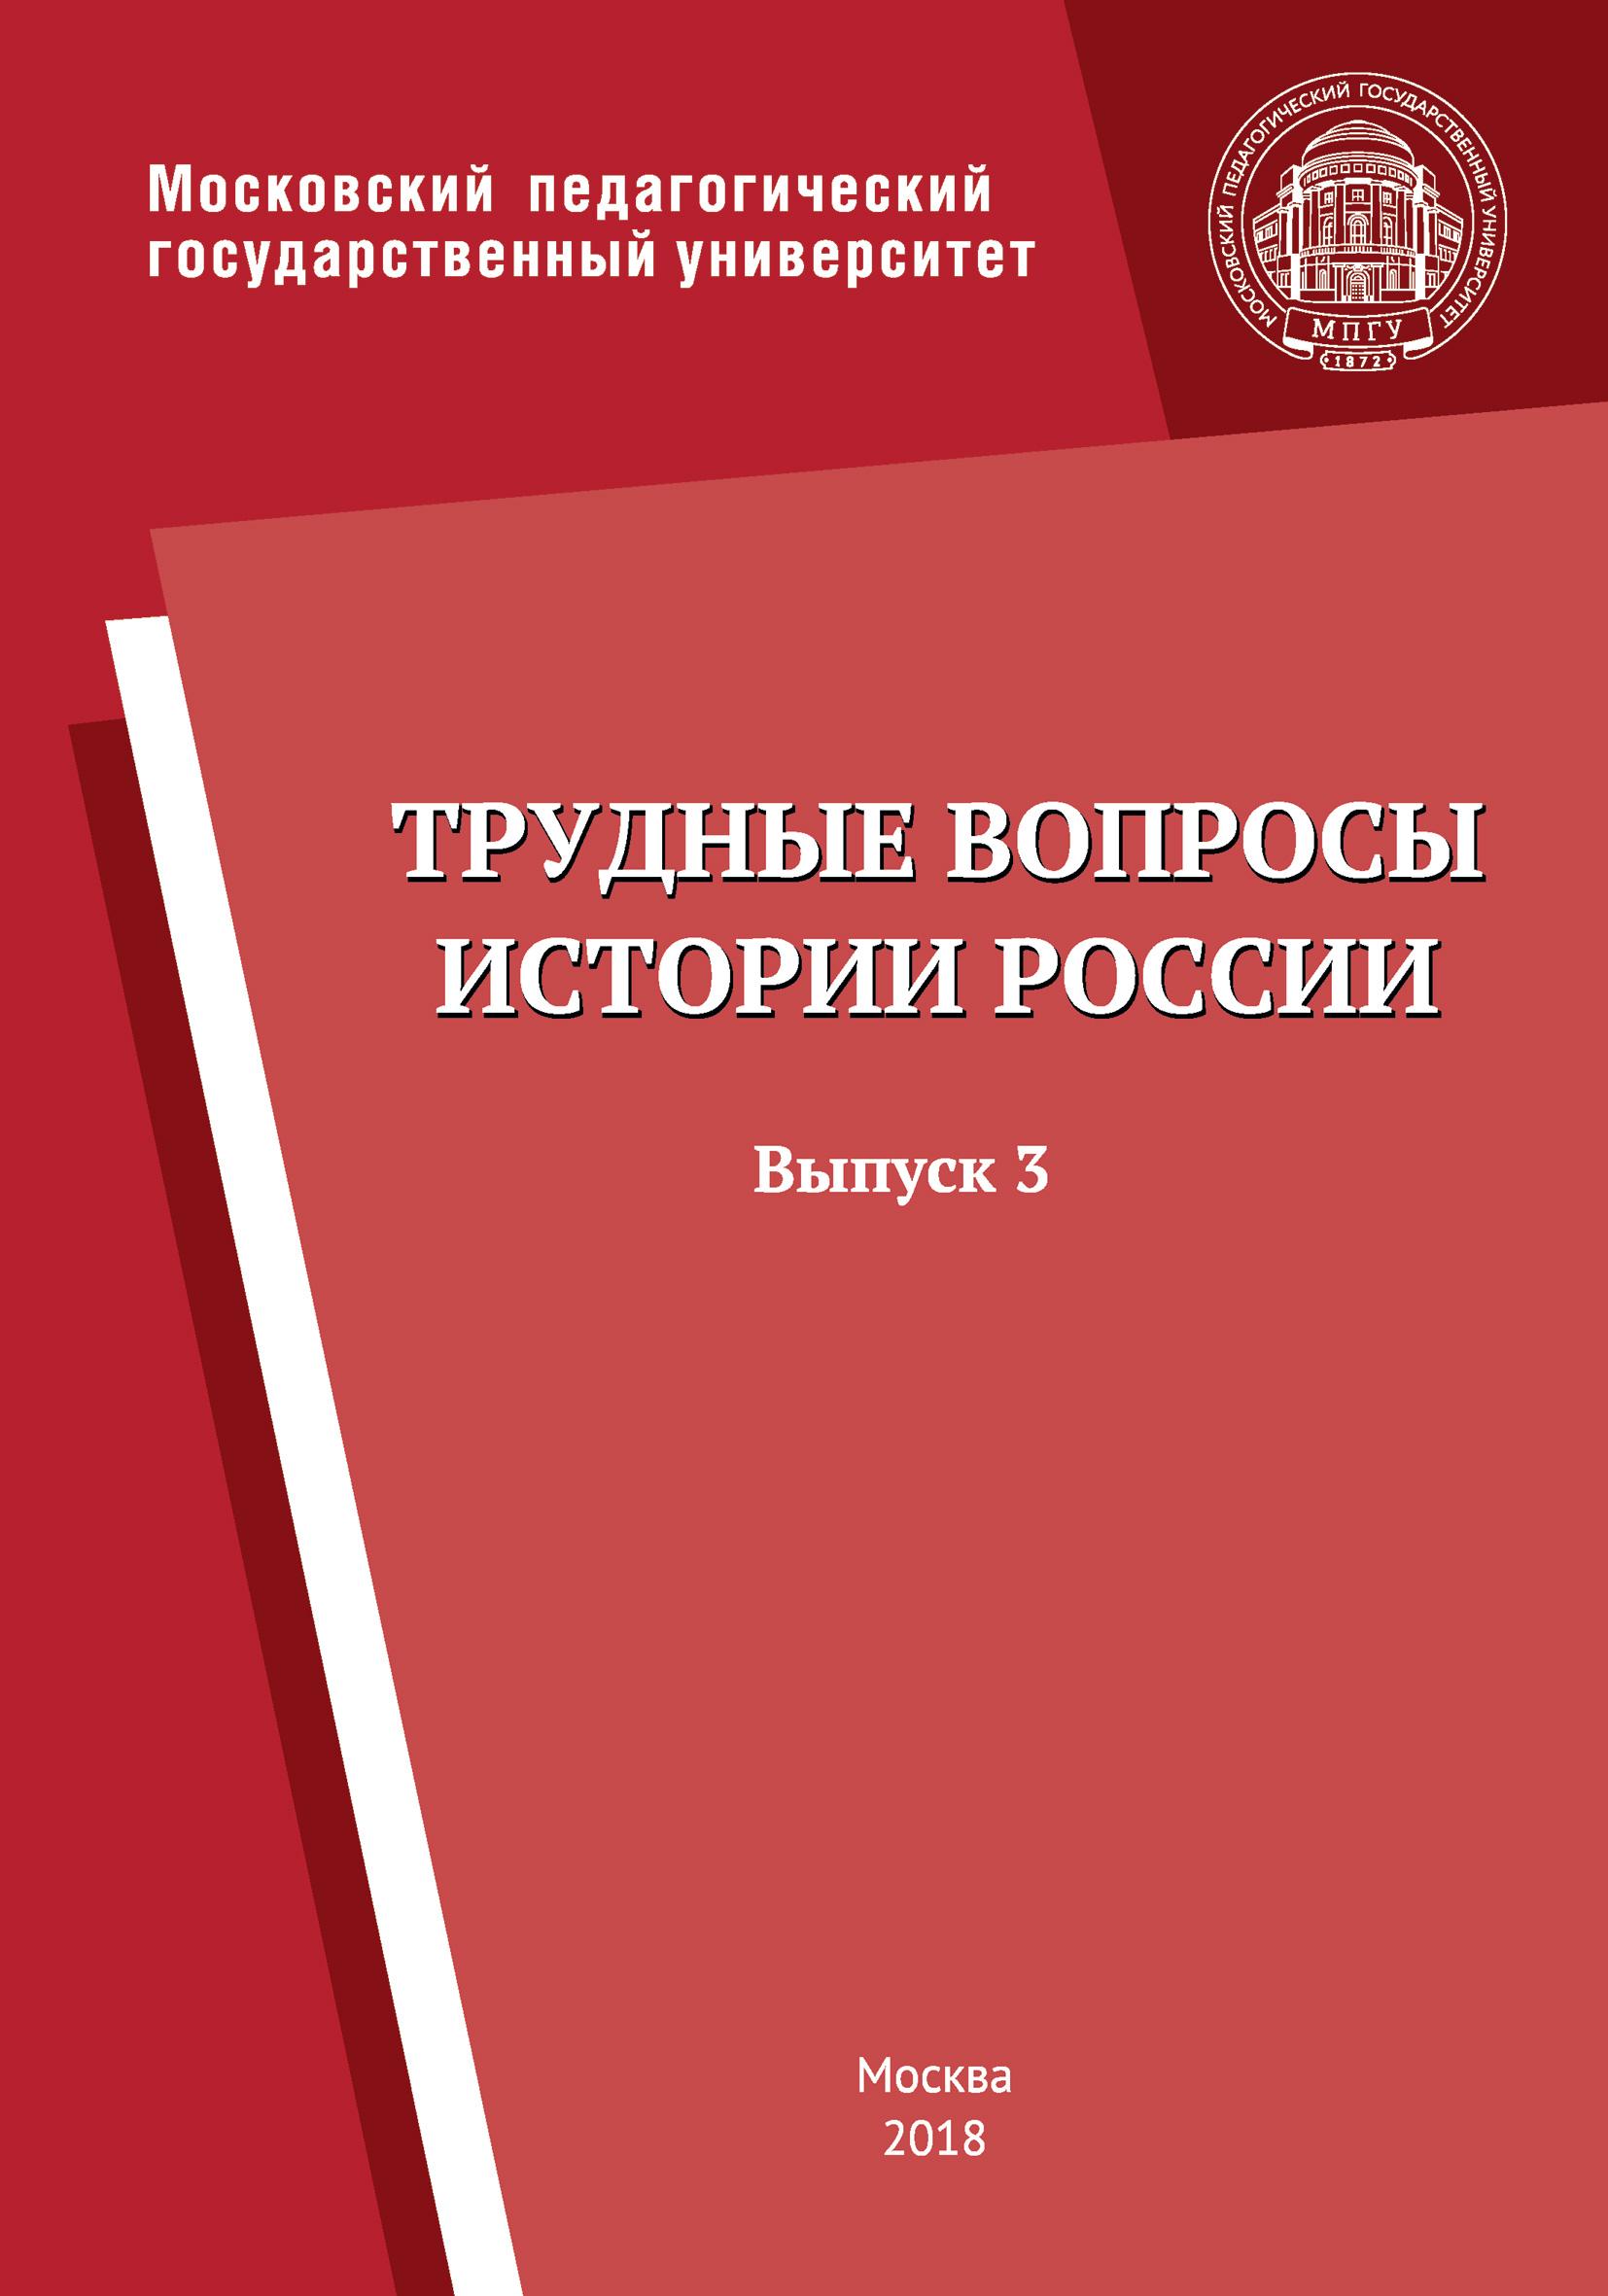 купить Коллектив авторов Трудные вопросы истории России. Выпуск 3 по цене 149 рублей